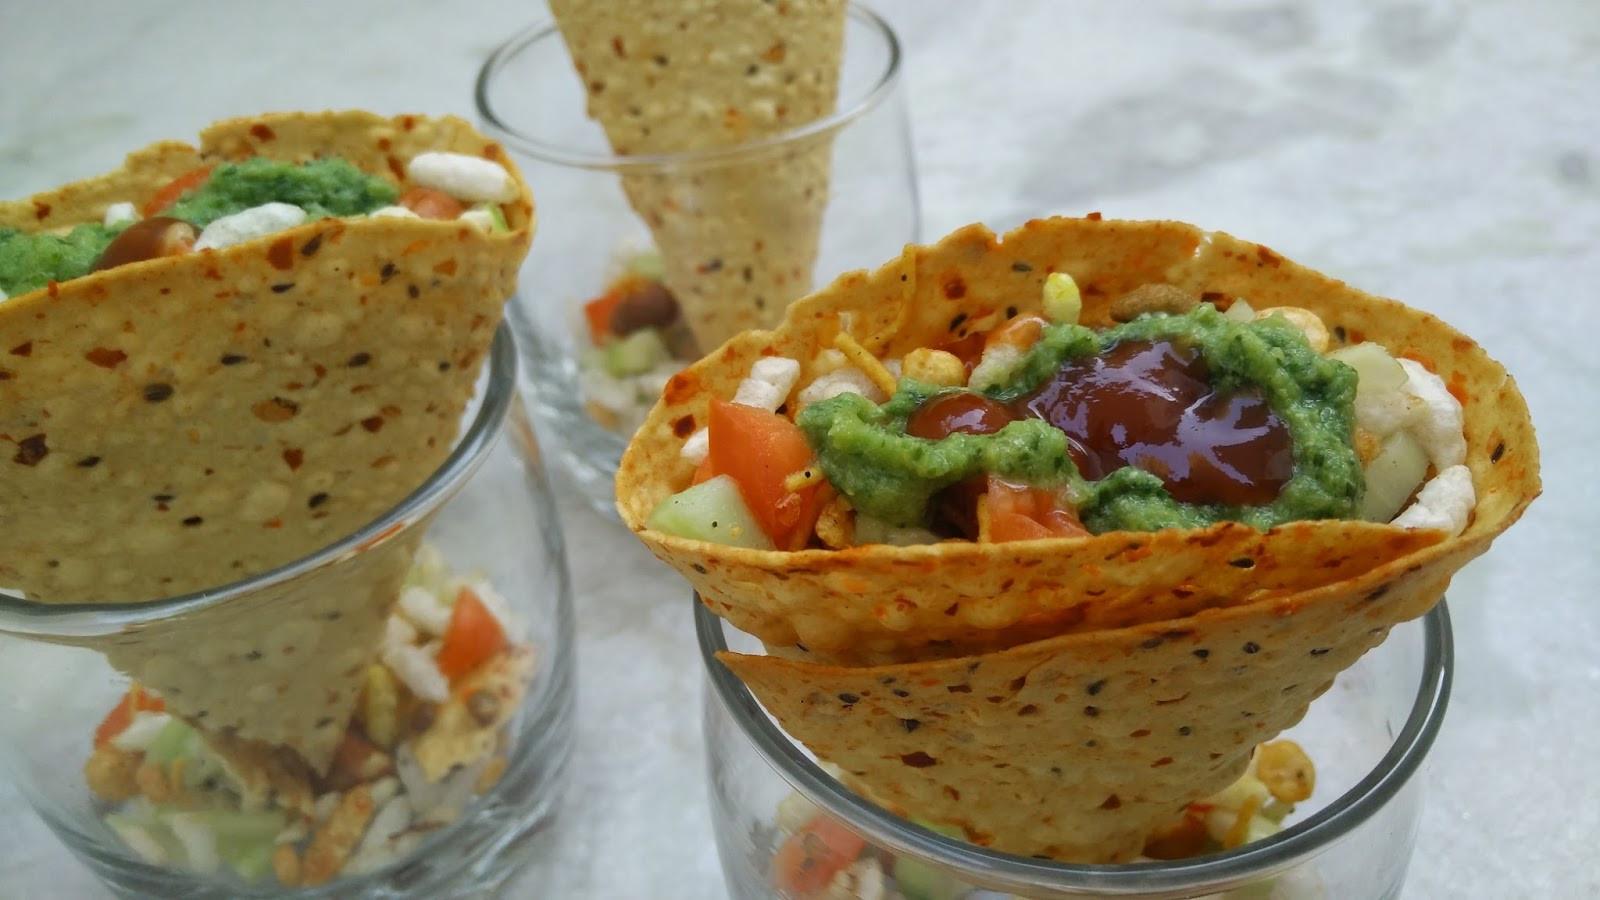 Healthy Snacks Recipes Indian  Masala Papad Cones Recipe Indian Snacks Healthy Kadai